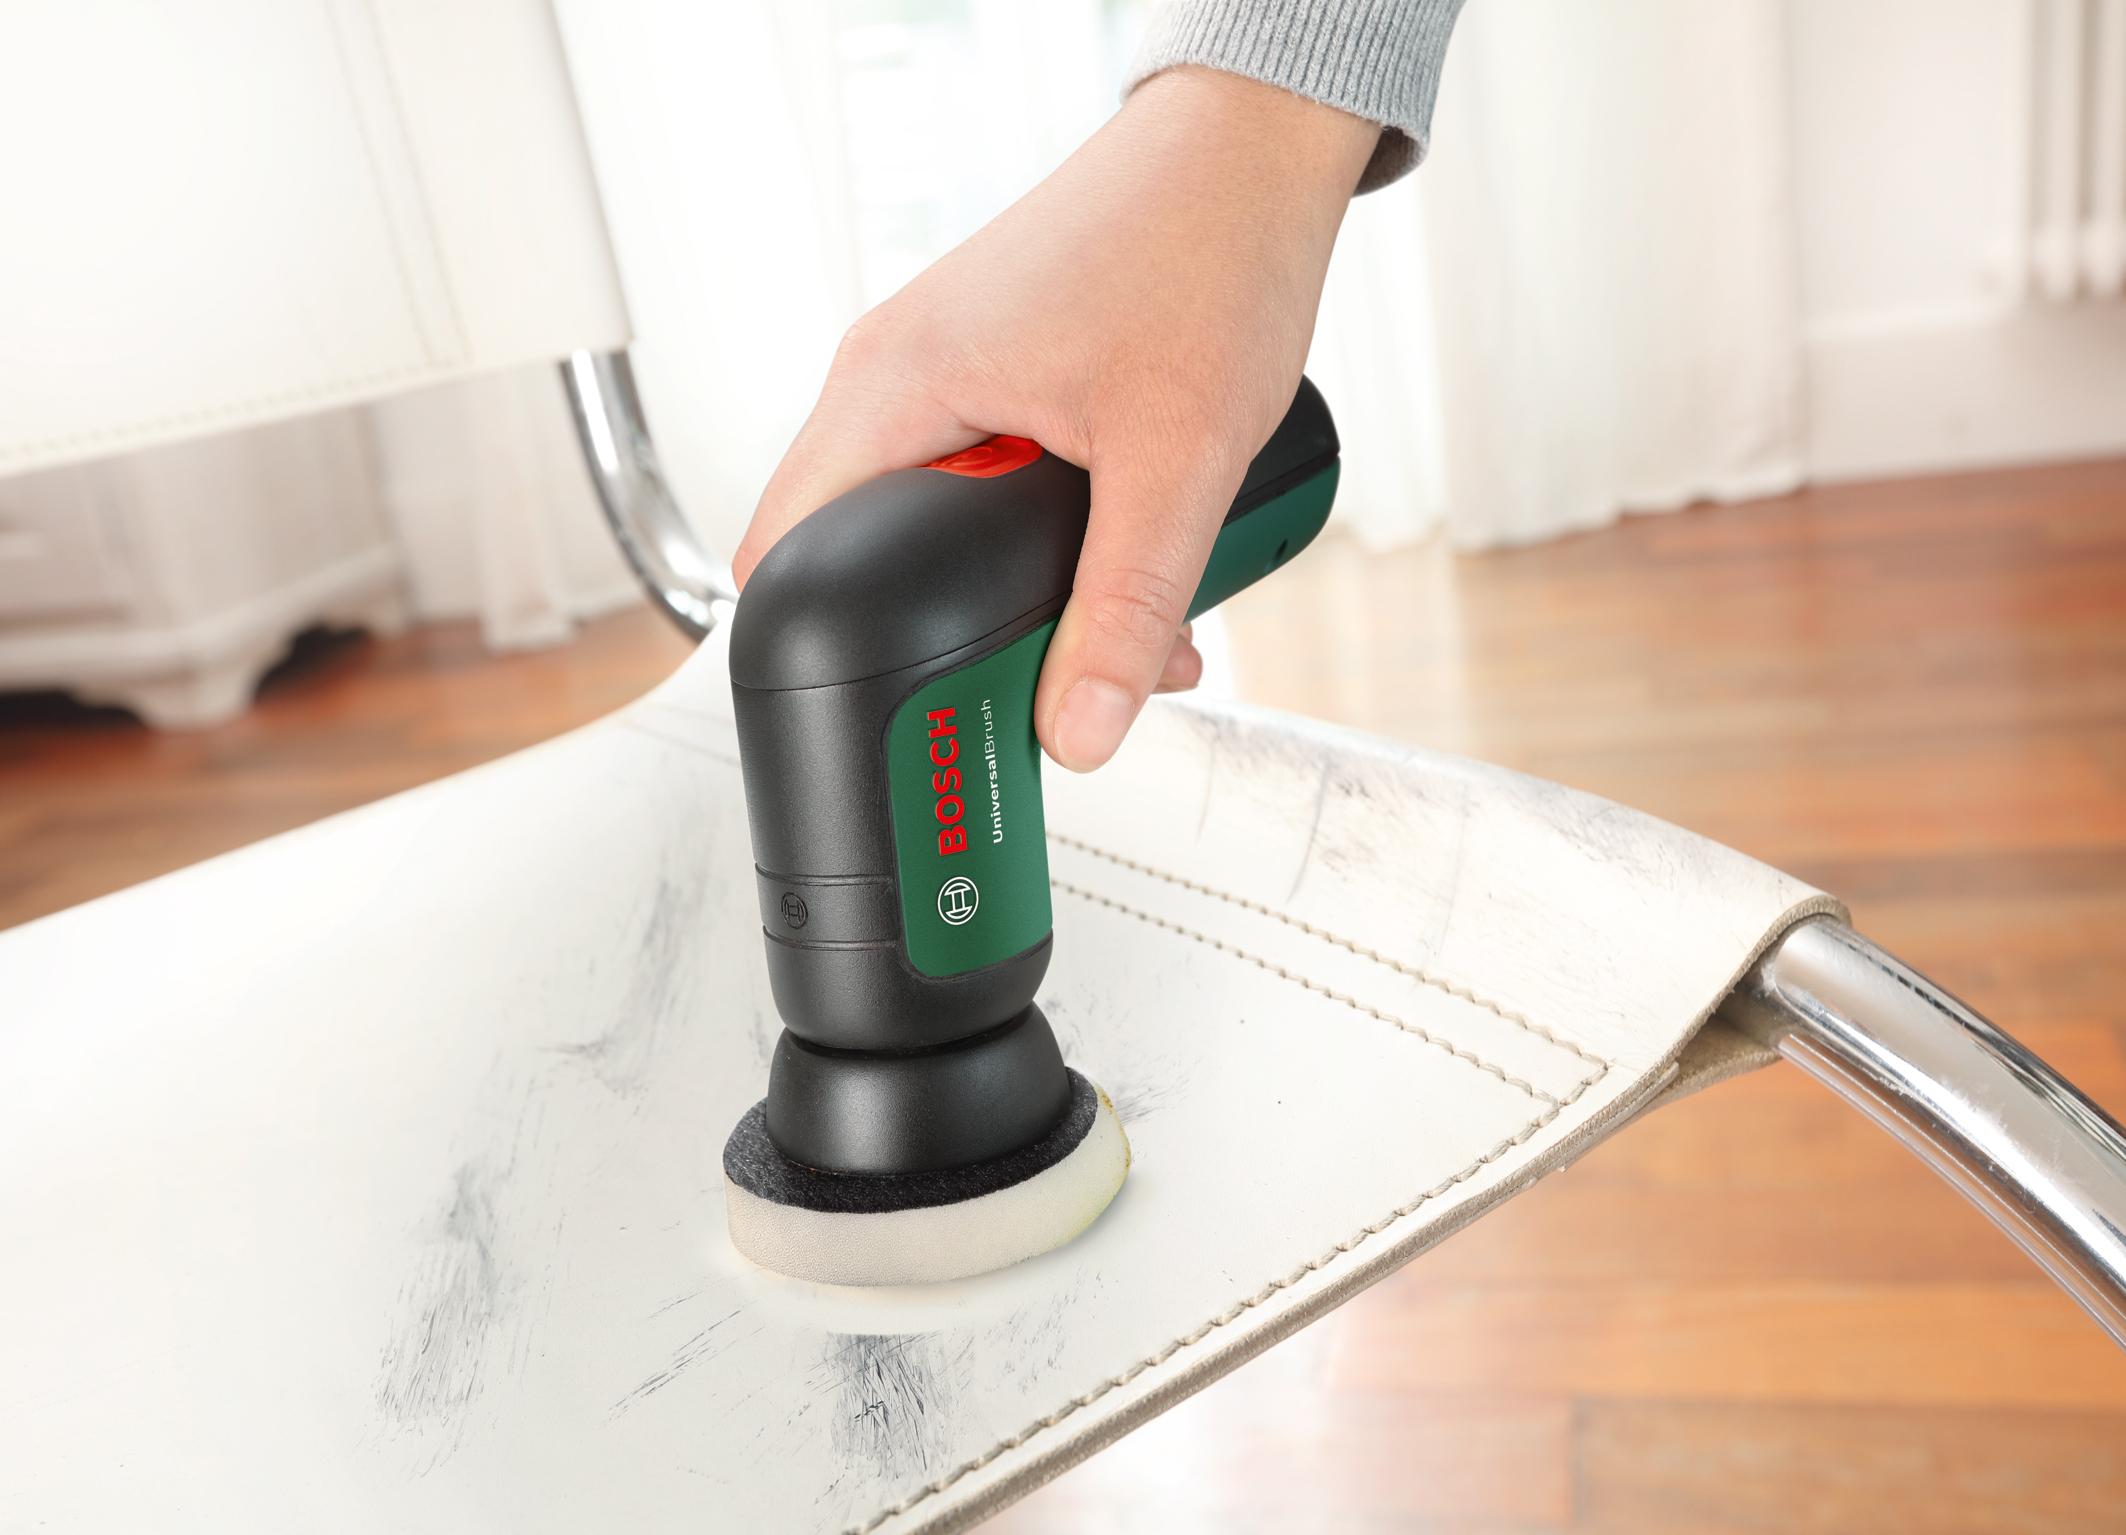 UniversalBrush – verschiedene Aufsätze, unzählige Möglichkeiten: Melaminpad für die Reinigung empfindlicher Oberflächen